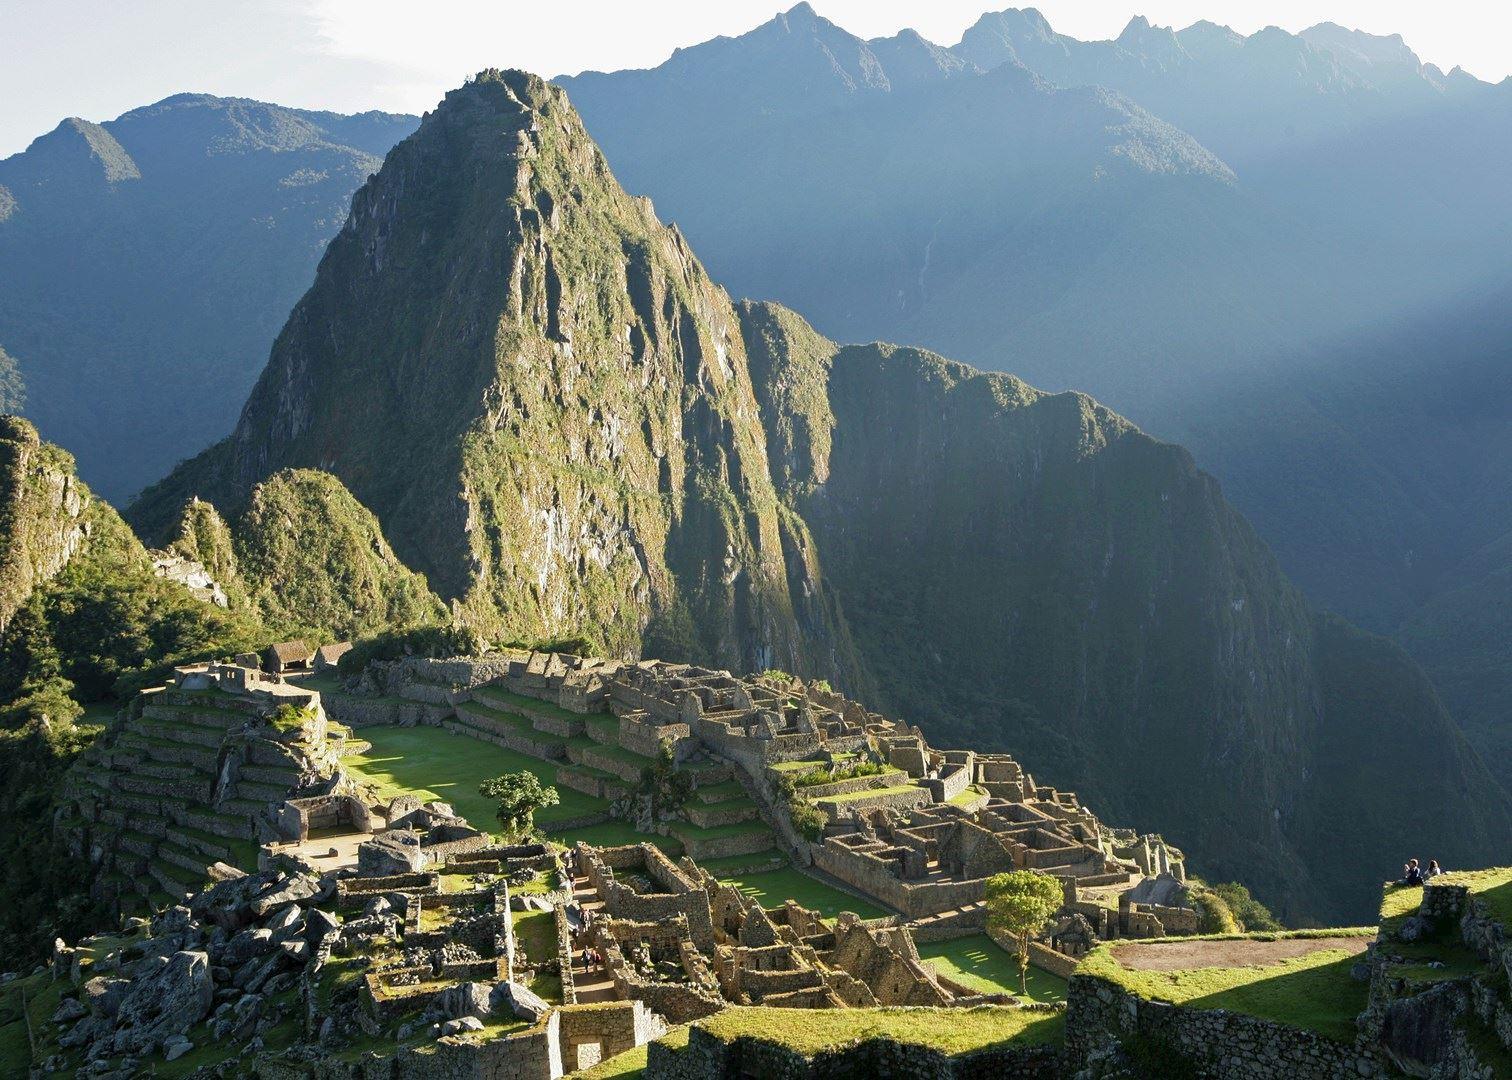 exploring machu picchu Machu picchu (/ ˈ m ɑː tʃ uː ˈ p iː k  he traveled through peru and was invited to explore the inca ruins at choqquequirau in the apurímac valley.